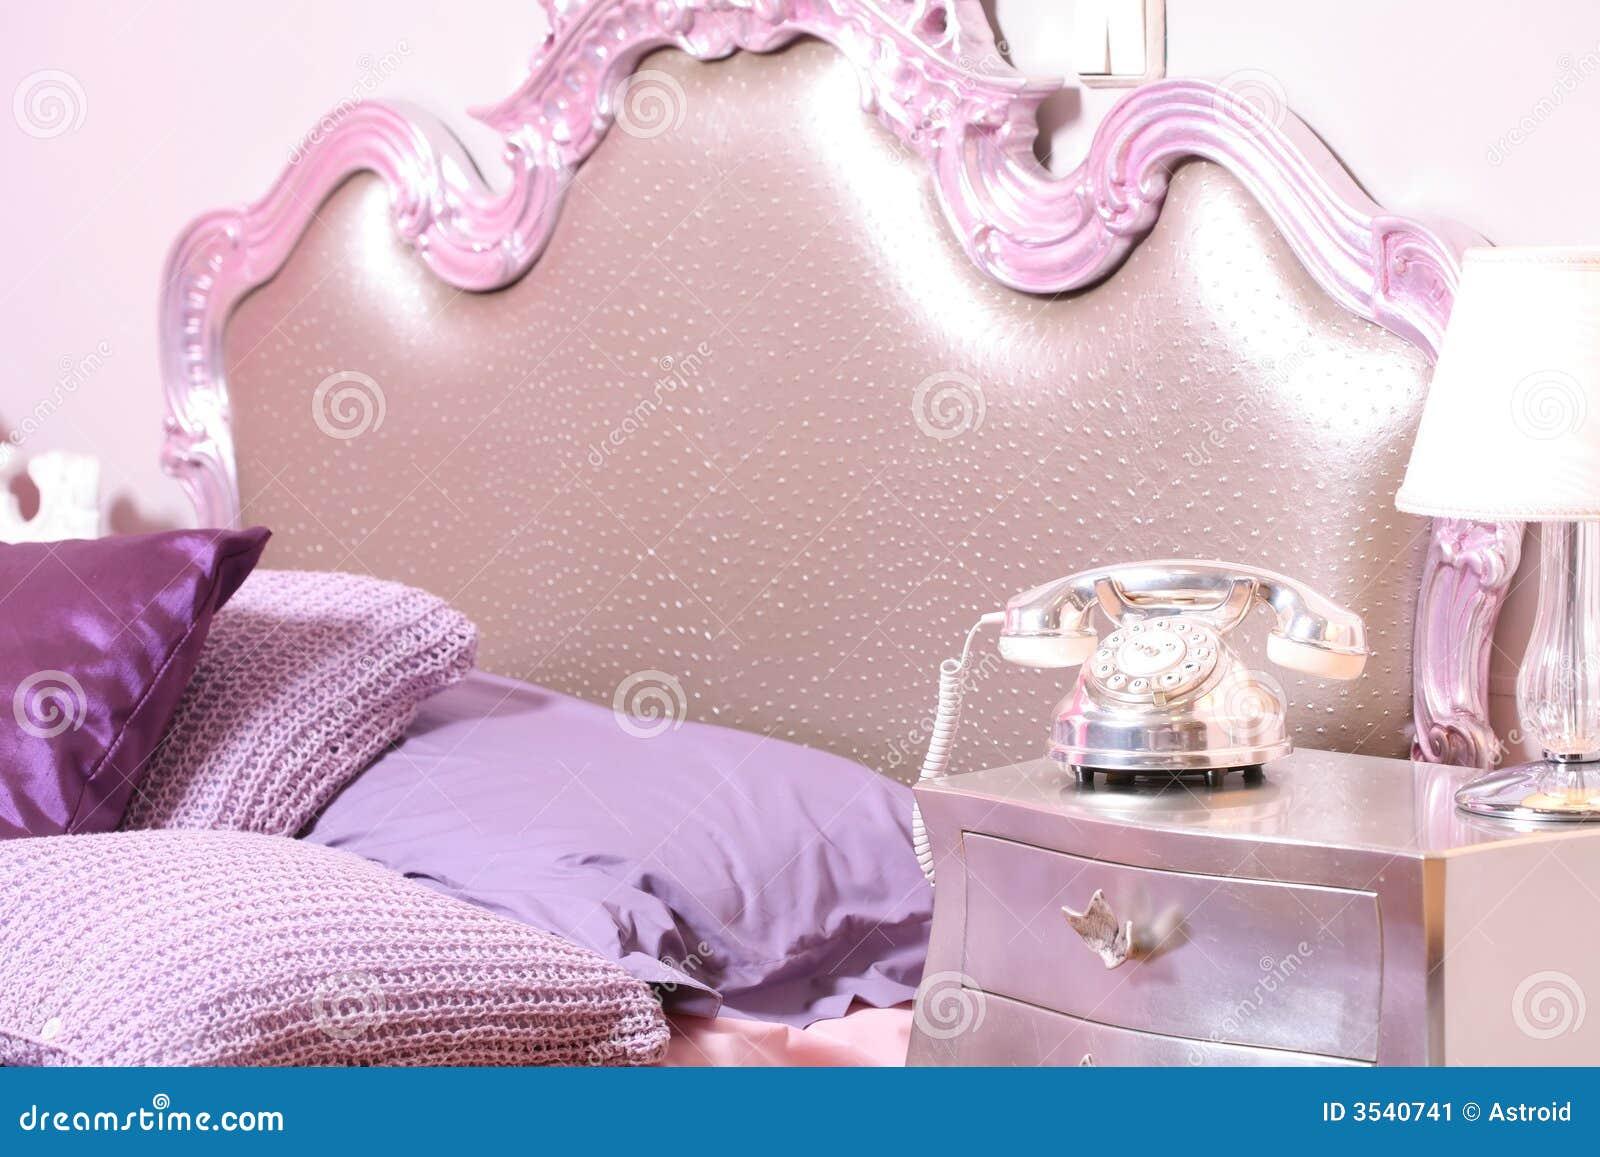 Binnenland Aan Roze Slaapkamer Stock Afbeelding - Afbeelding: 3540741